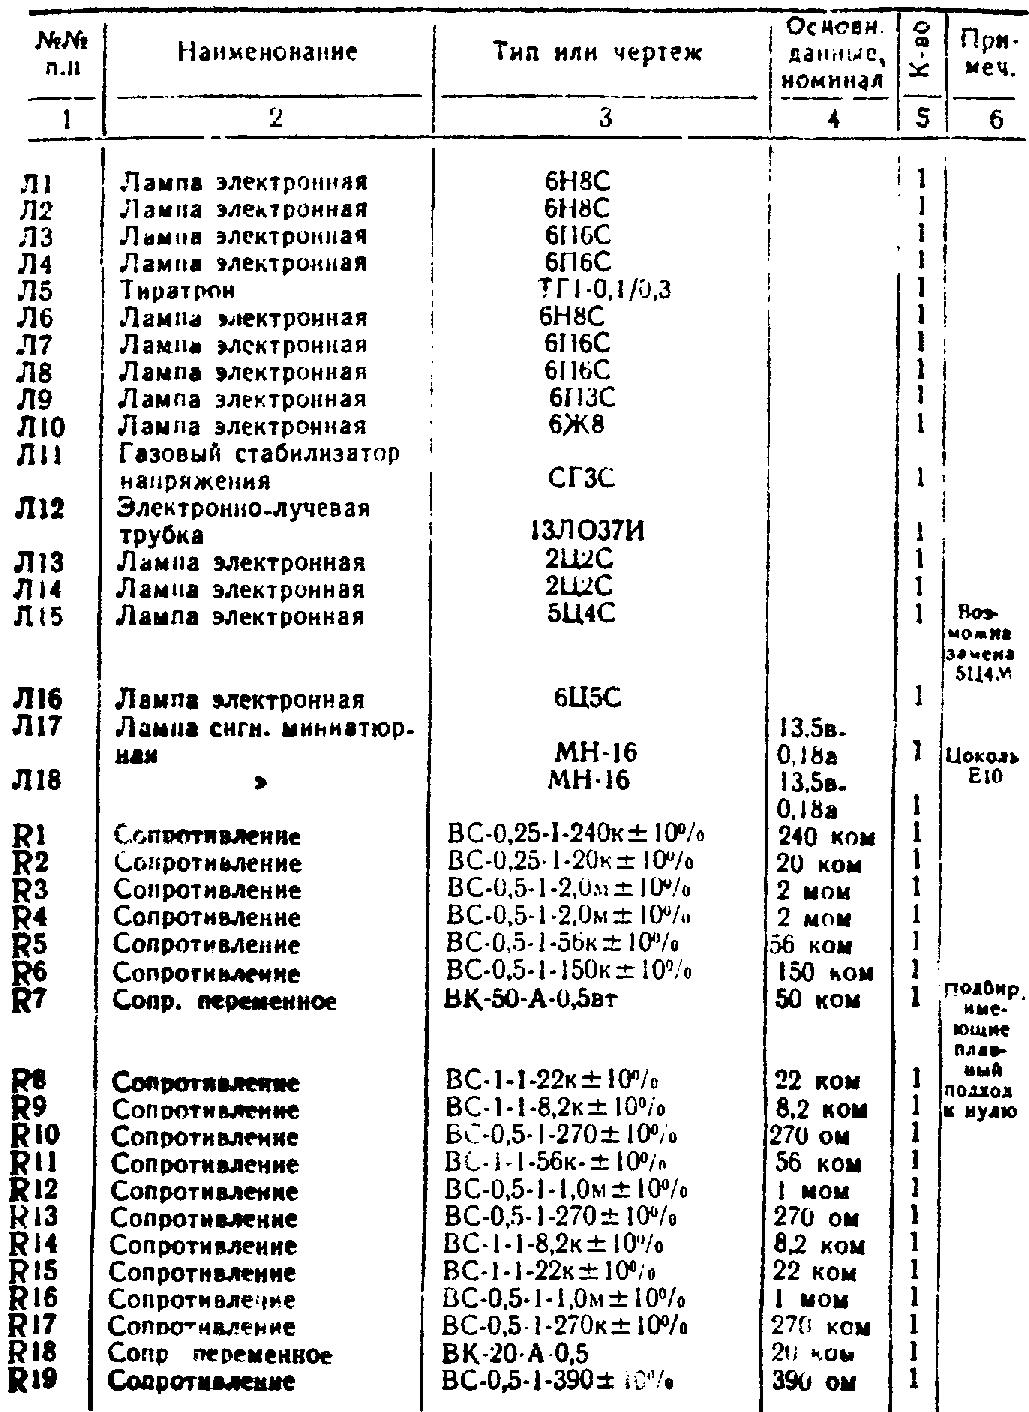 woodchydmayhem1985's diary